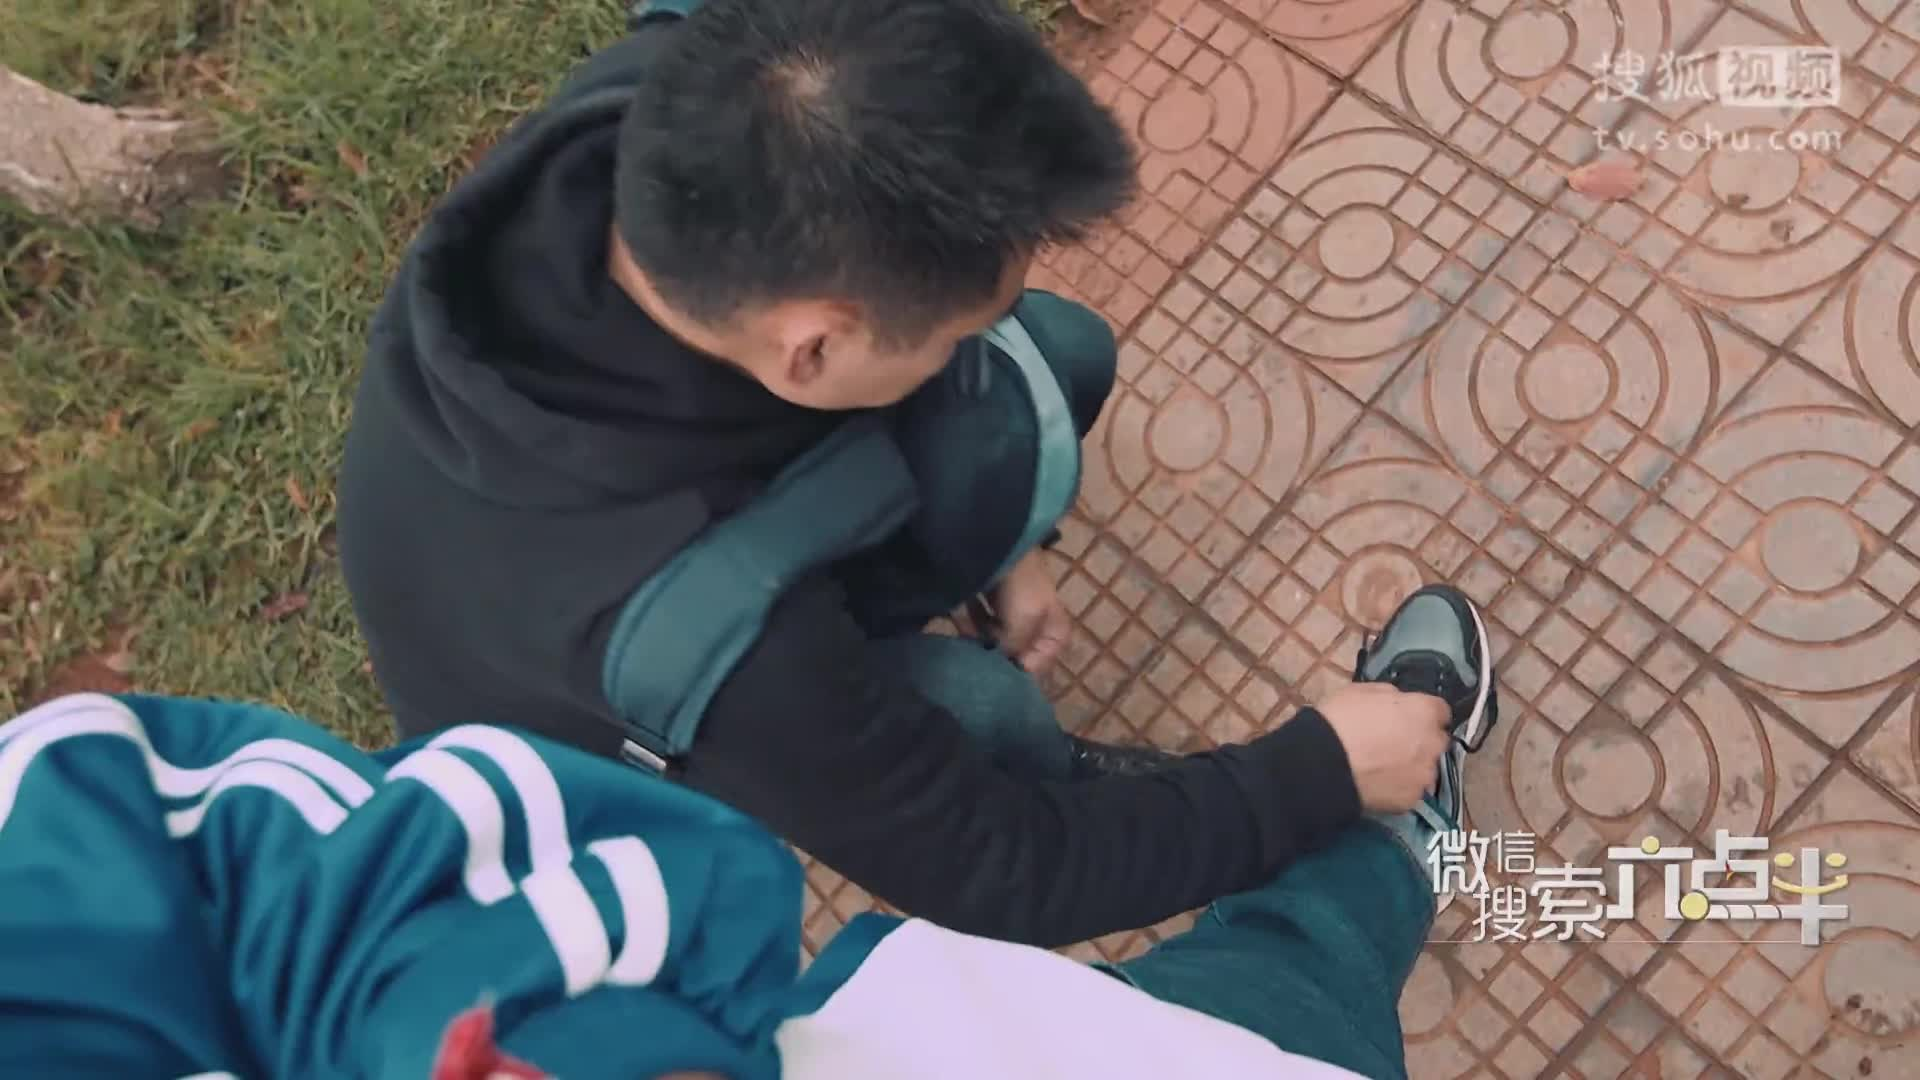 《陈翔六点半》第105集 心酸父亲为了儿子偶像被群殴